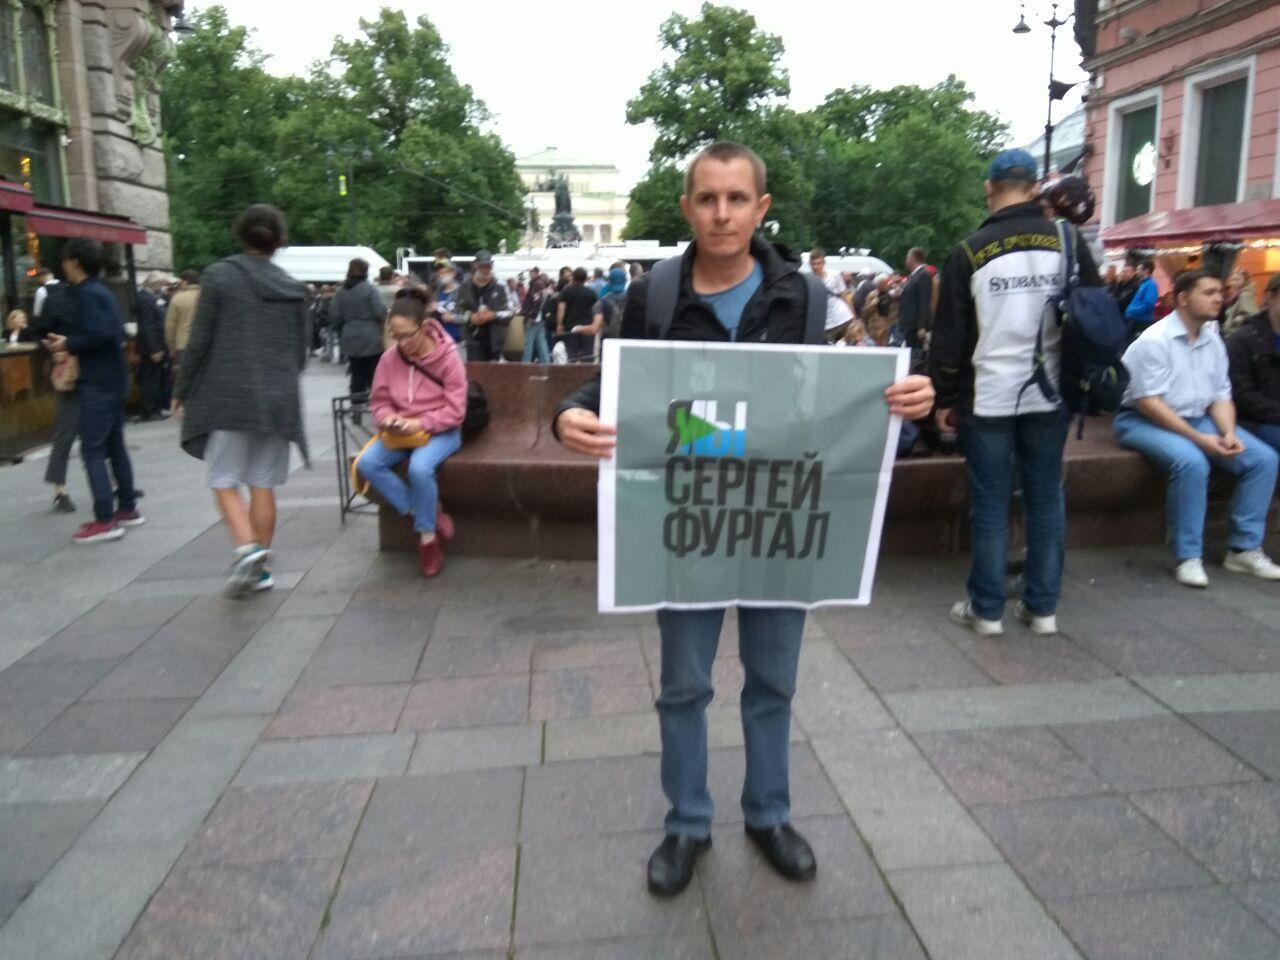 Горсуд оставил в силе штраф стоявшему в протестной очереди депутату города Пушкин